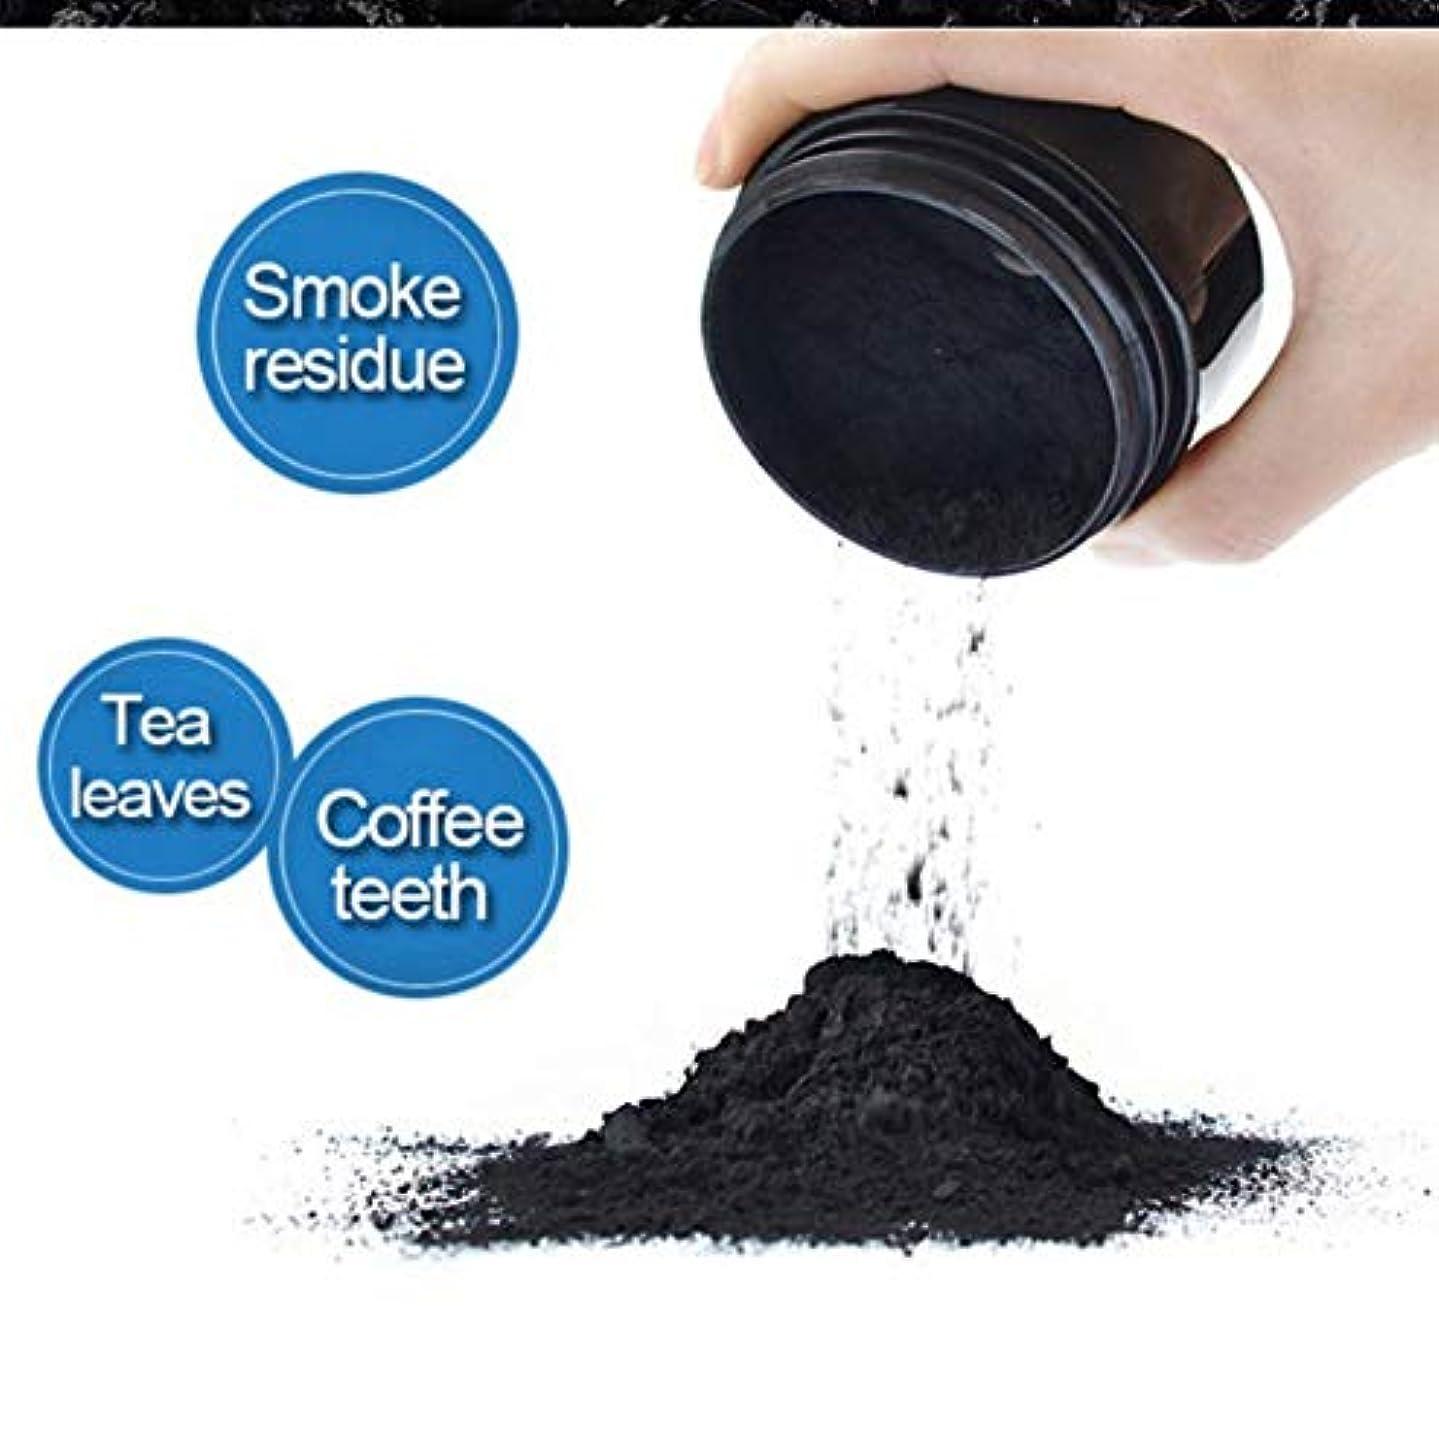 ソフィーまどろみのある宇宙船Daily Use Teeth Whitening Scaling Powder Oral Hygiene Cleaning Packing Premium Activated Bamboo Charcoal Powder...